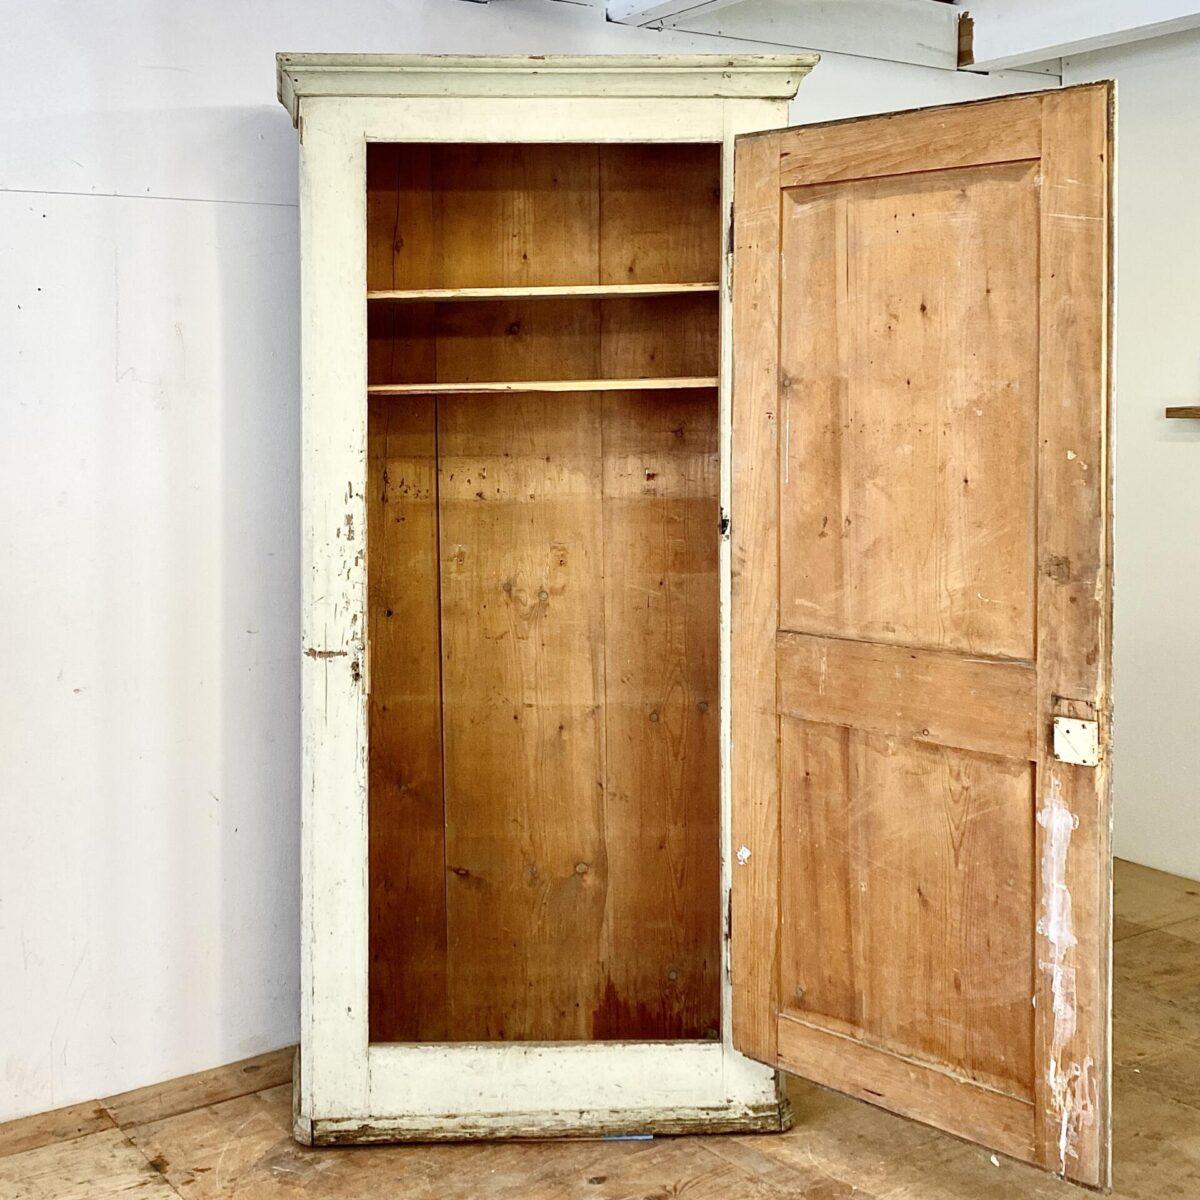 Helles Schubladenmöbel. 94.5x54.5cm Höhe 148cm. Diese Kleider Kommode wurde mal mintgrün gestrichen, sie ist mittlerweile aber etwas abgewetzt. Die Deckplatte hat einen kleinen Holzflick. Der Kleiderschrank mit ähnlicher Ausstrahlung ist ebenfalls verfügbar und kostet 450.- Die Masse sind: 227x112.5cm tiefe 43cm die tiefe des Schrank Innenraums ist 34cm.